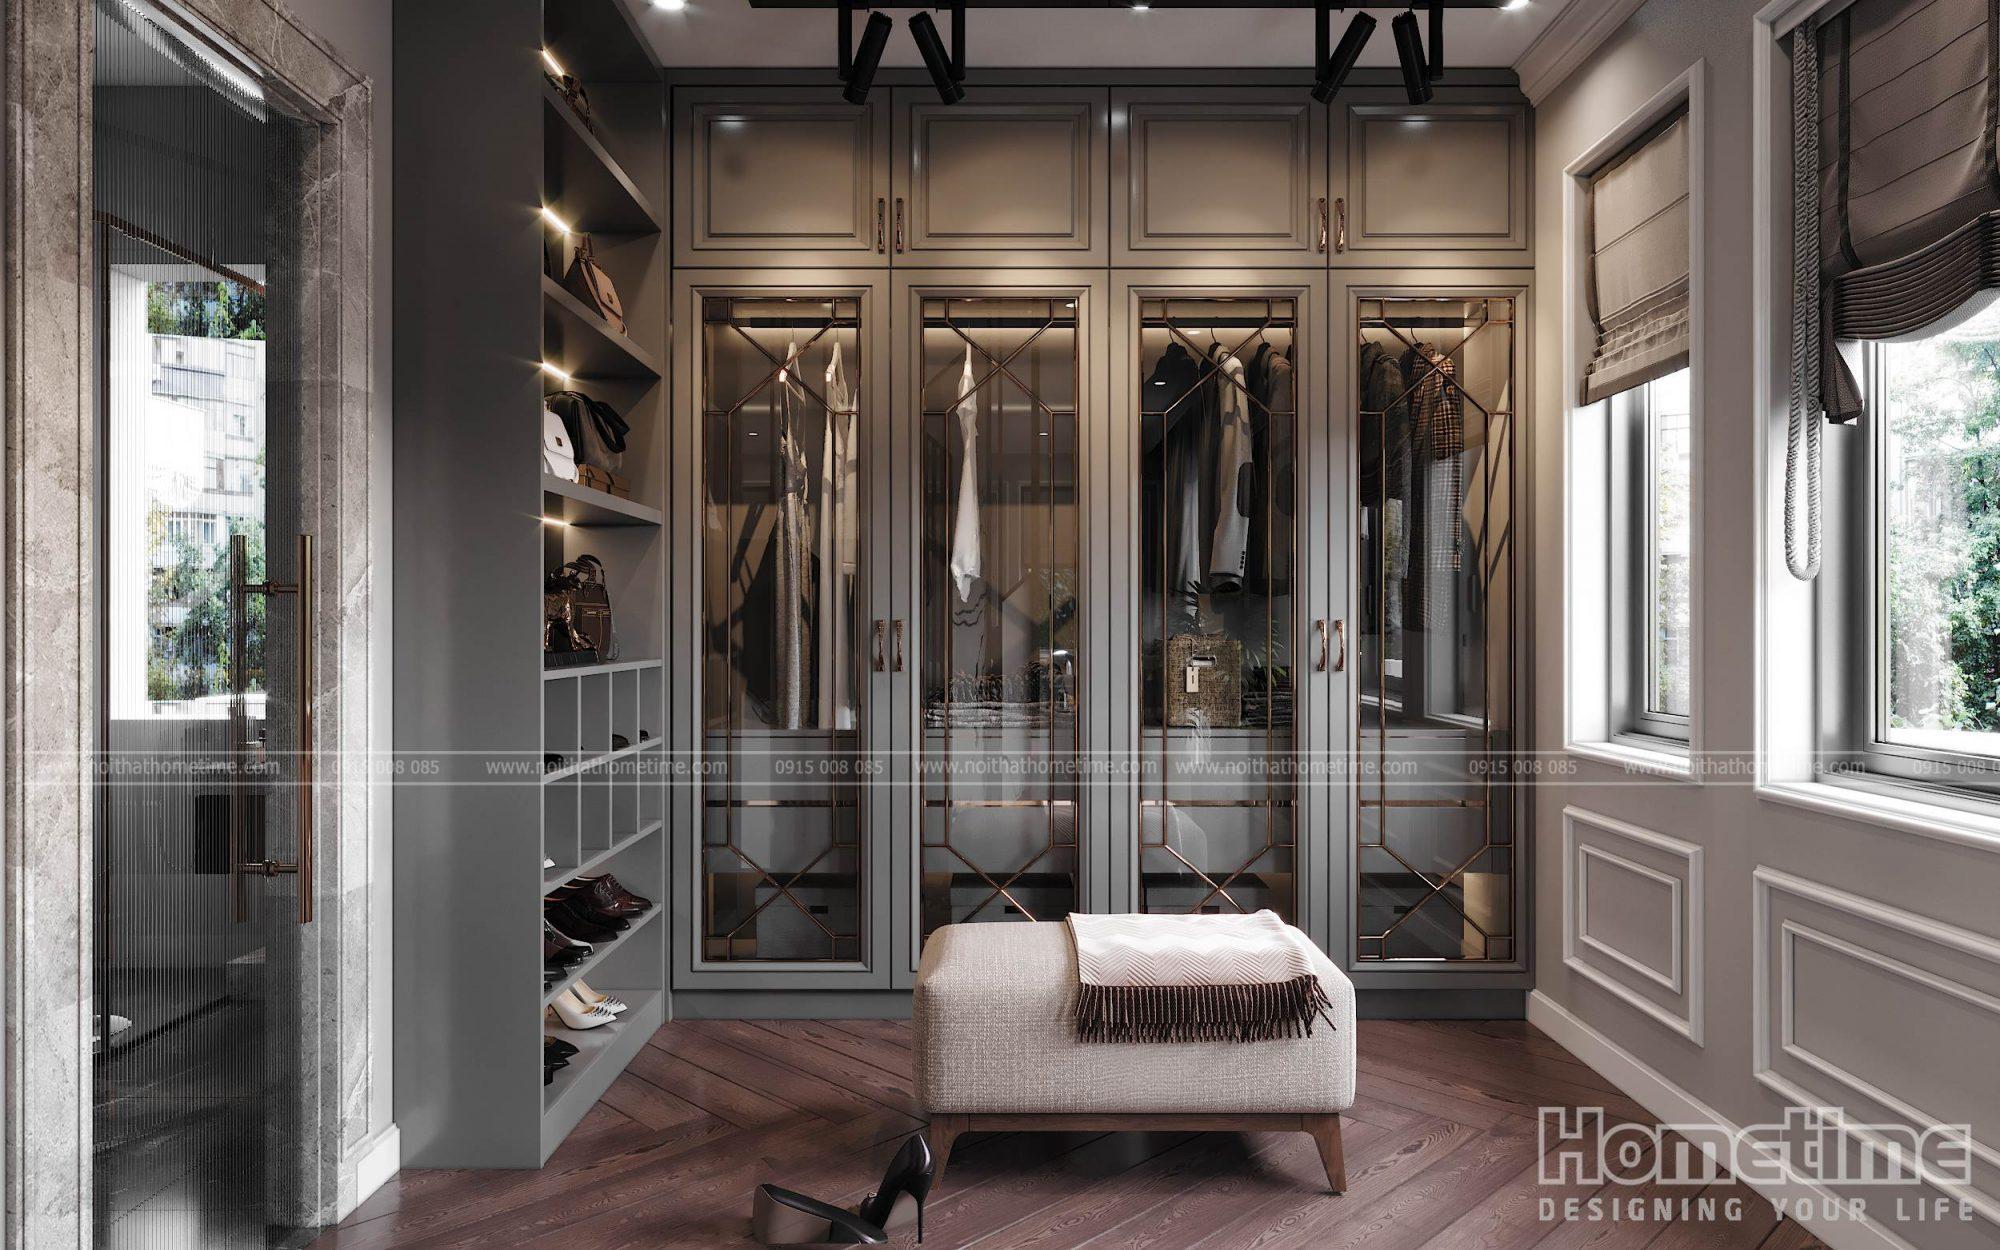 Thiết kế nội thất phòng ngủ hiện đại nhà anh Sơn Vinhomes Marina